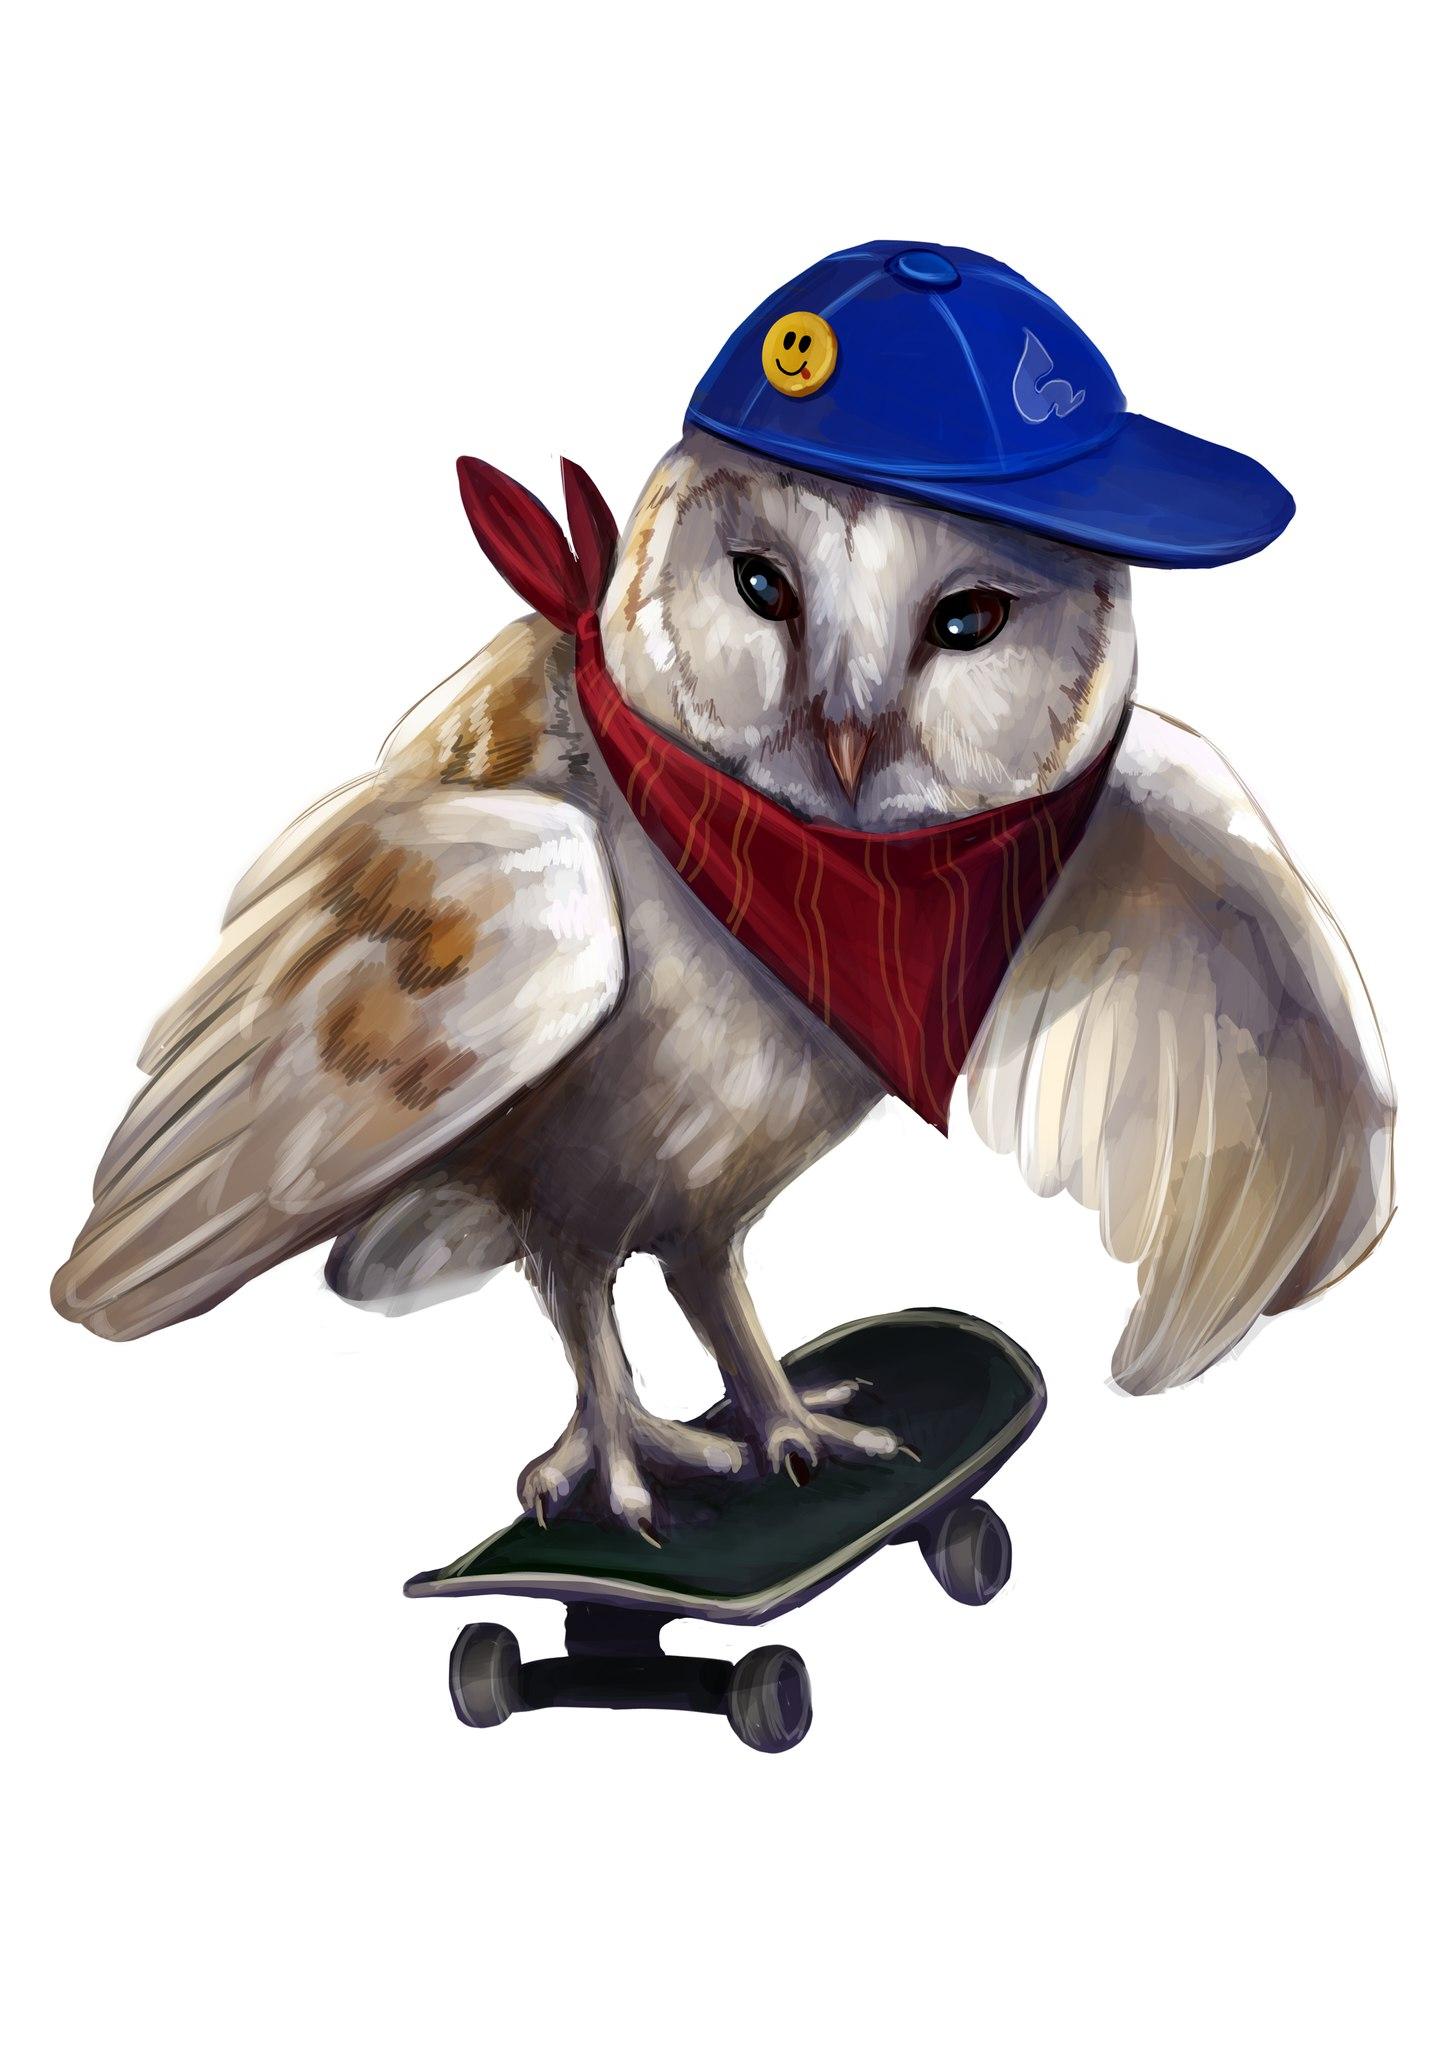 Картинки сова на скейте